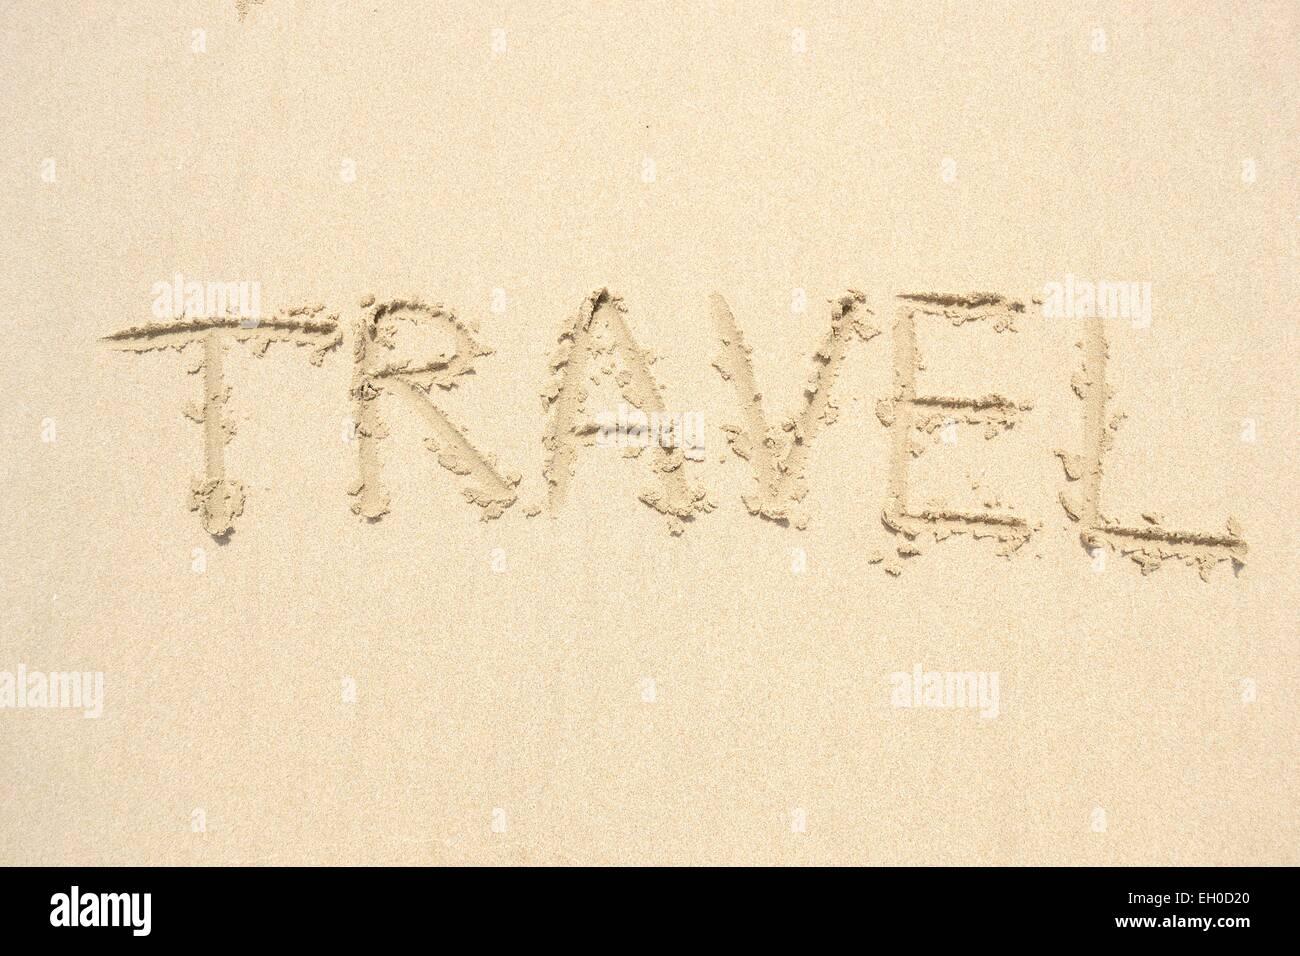 Disegnata a mano di una corsa di parola sulla spiaggia Immagini Stock